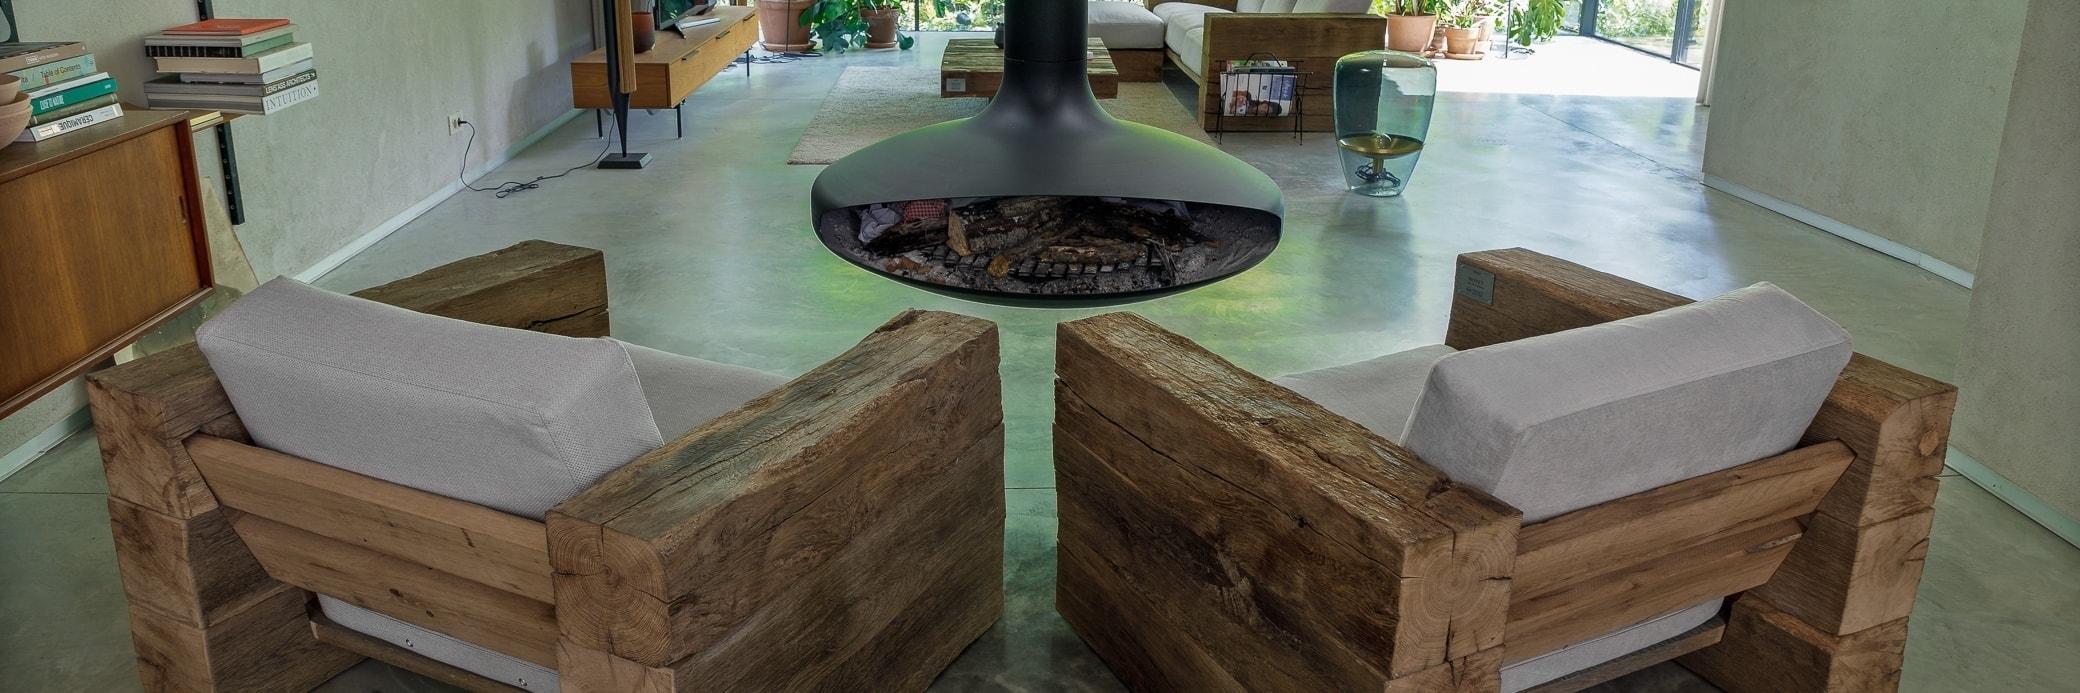 Rustic & Reclaimed Oak Wooden Armchair   Made in France   Oakâme